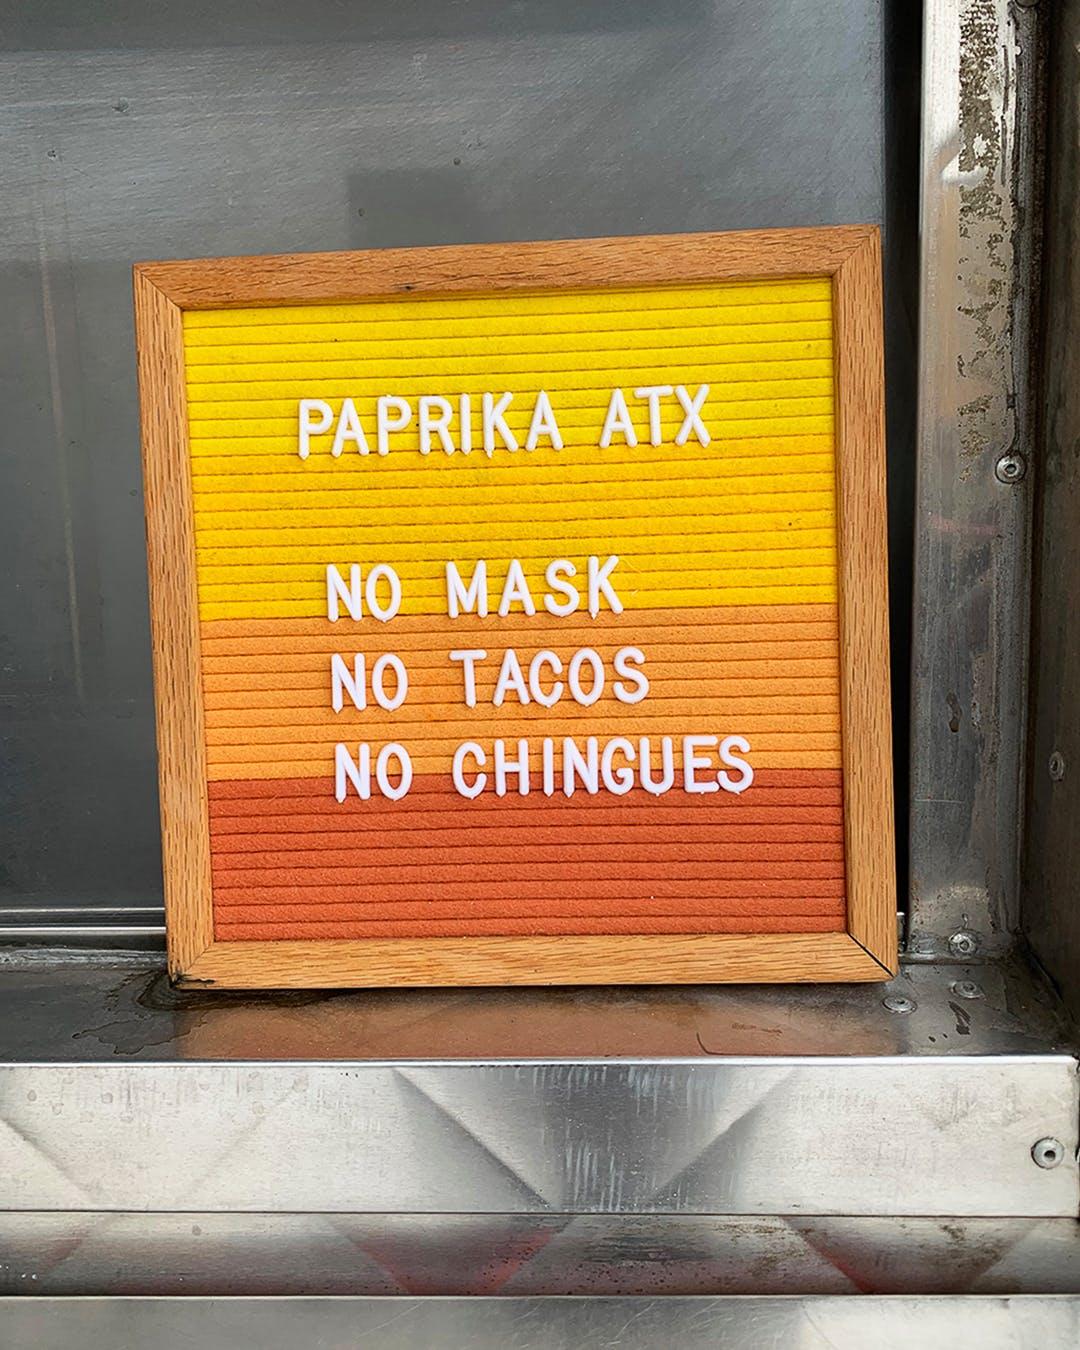 paprika-atx-sign